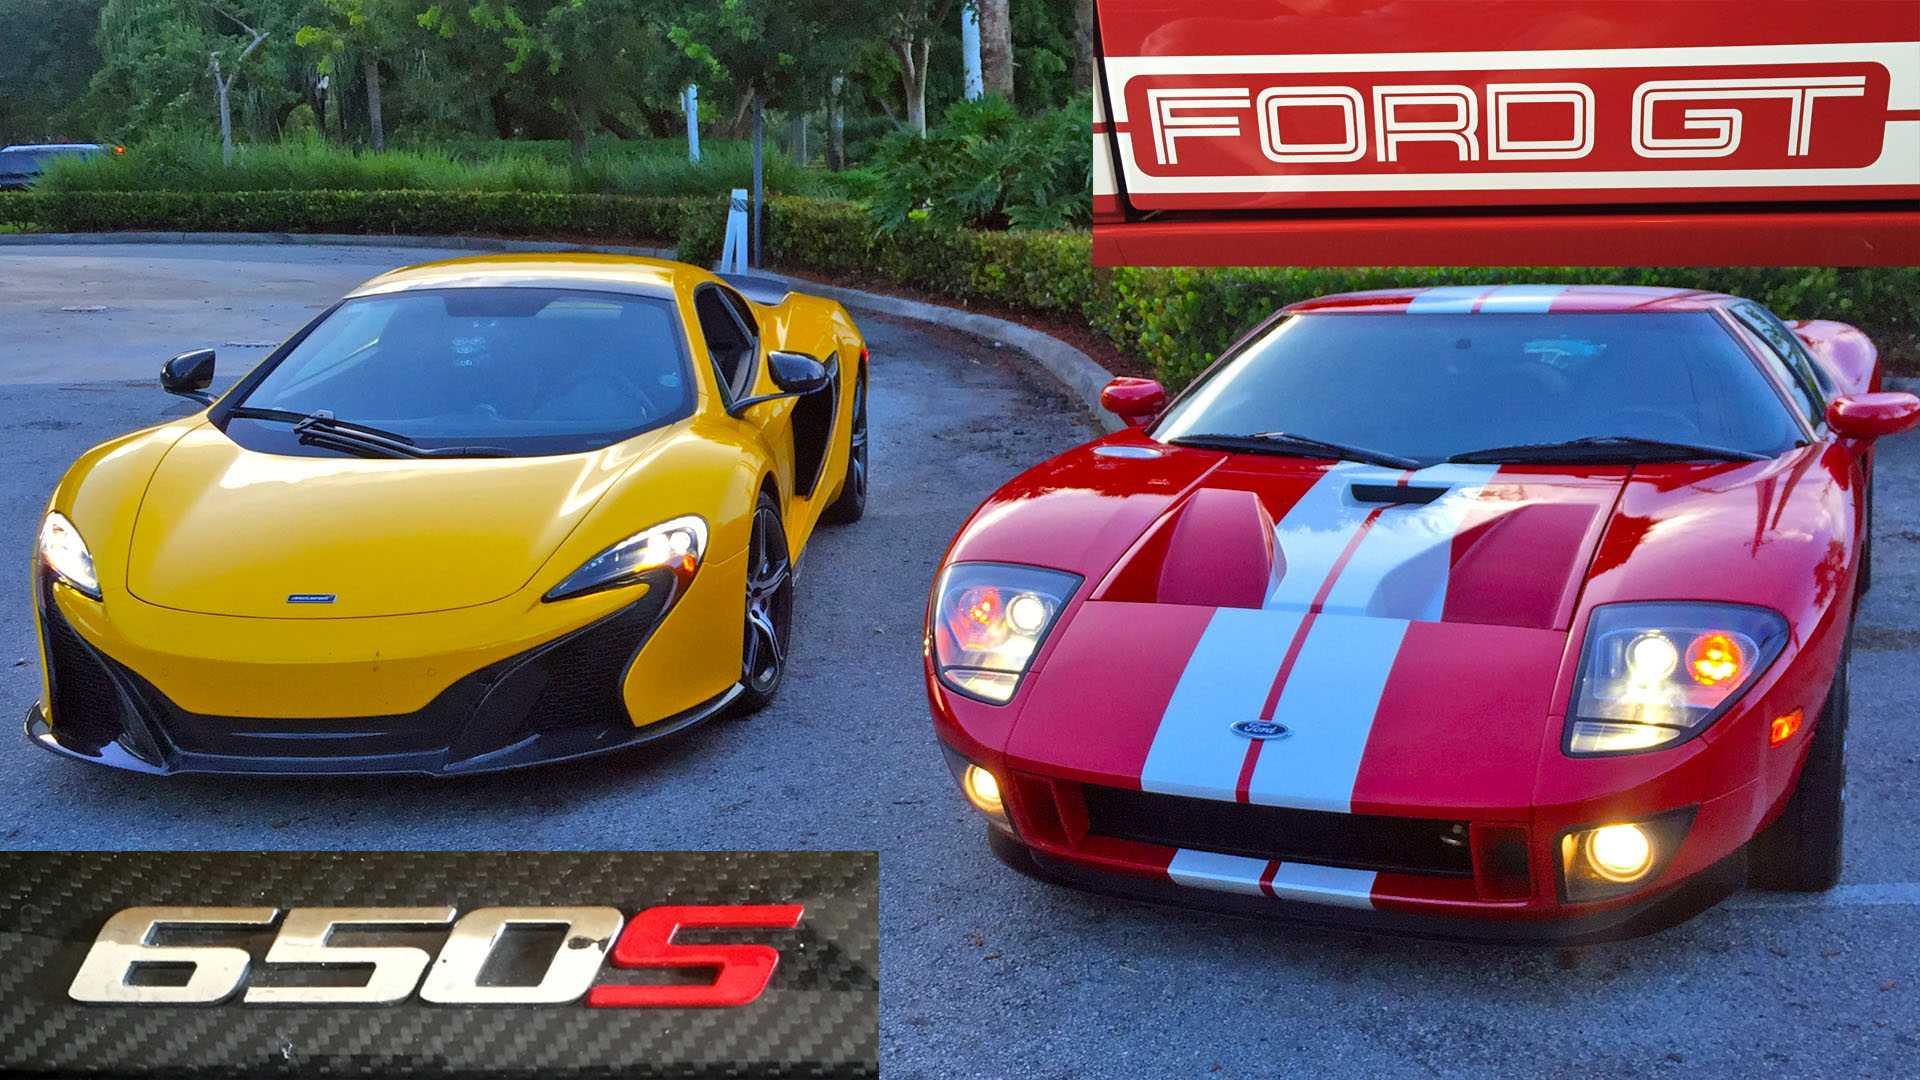 700hp-ford-gt-vs-641hp-mclaren-650s-racing